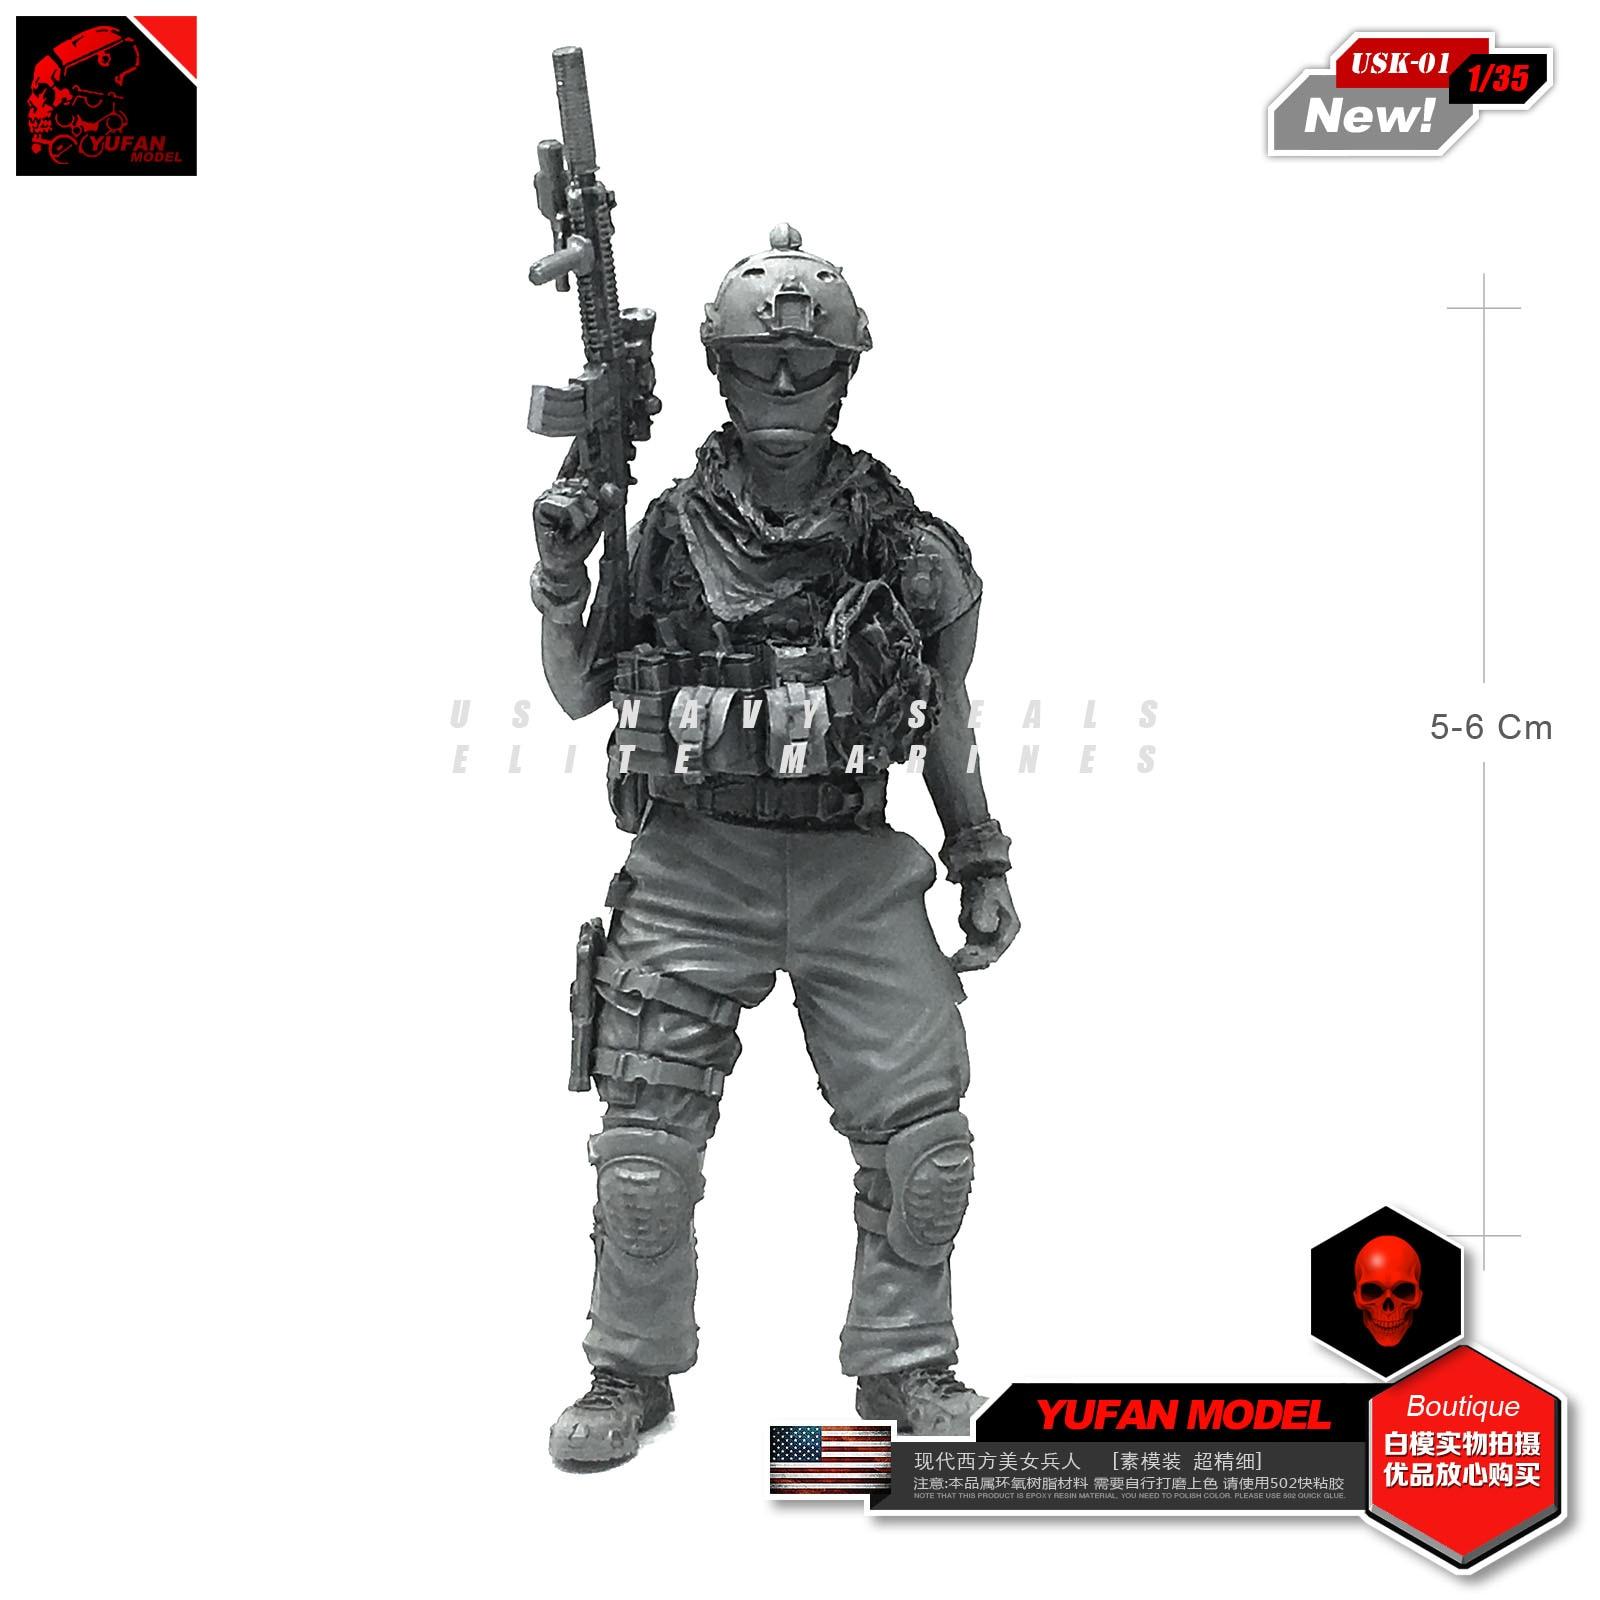 Yufan Model 1/35 Figure Modern American Soldier Resin Model Usk-01